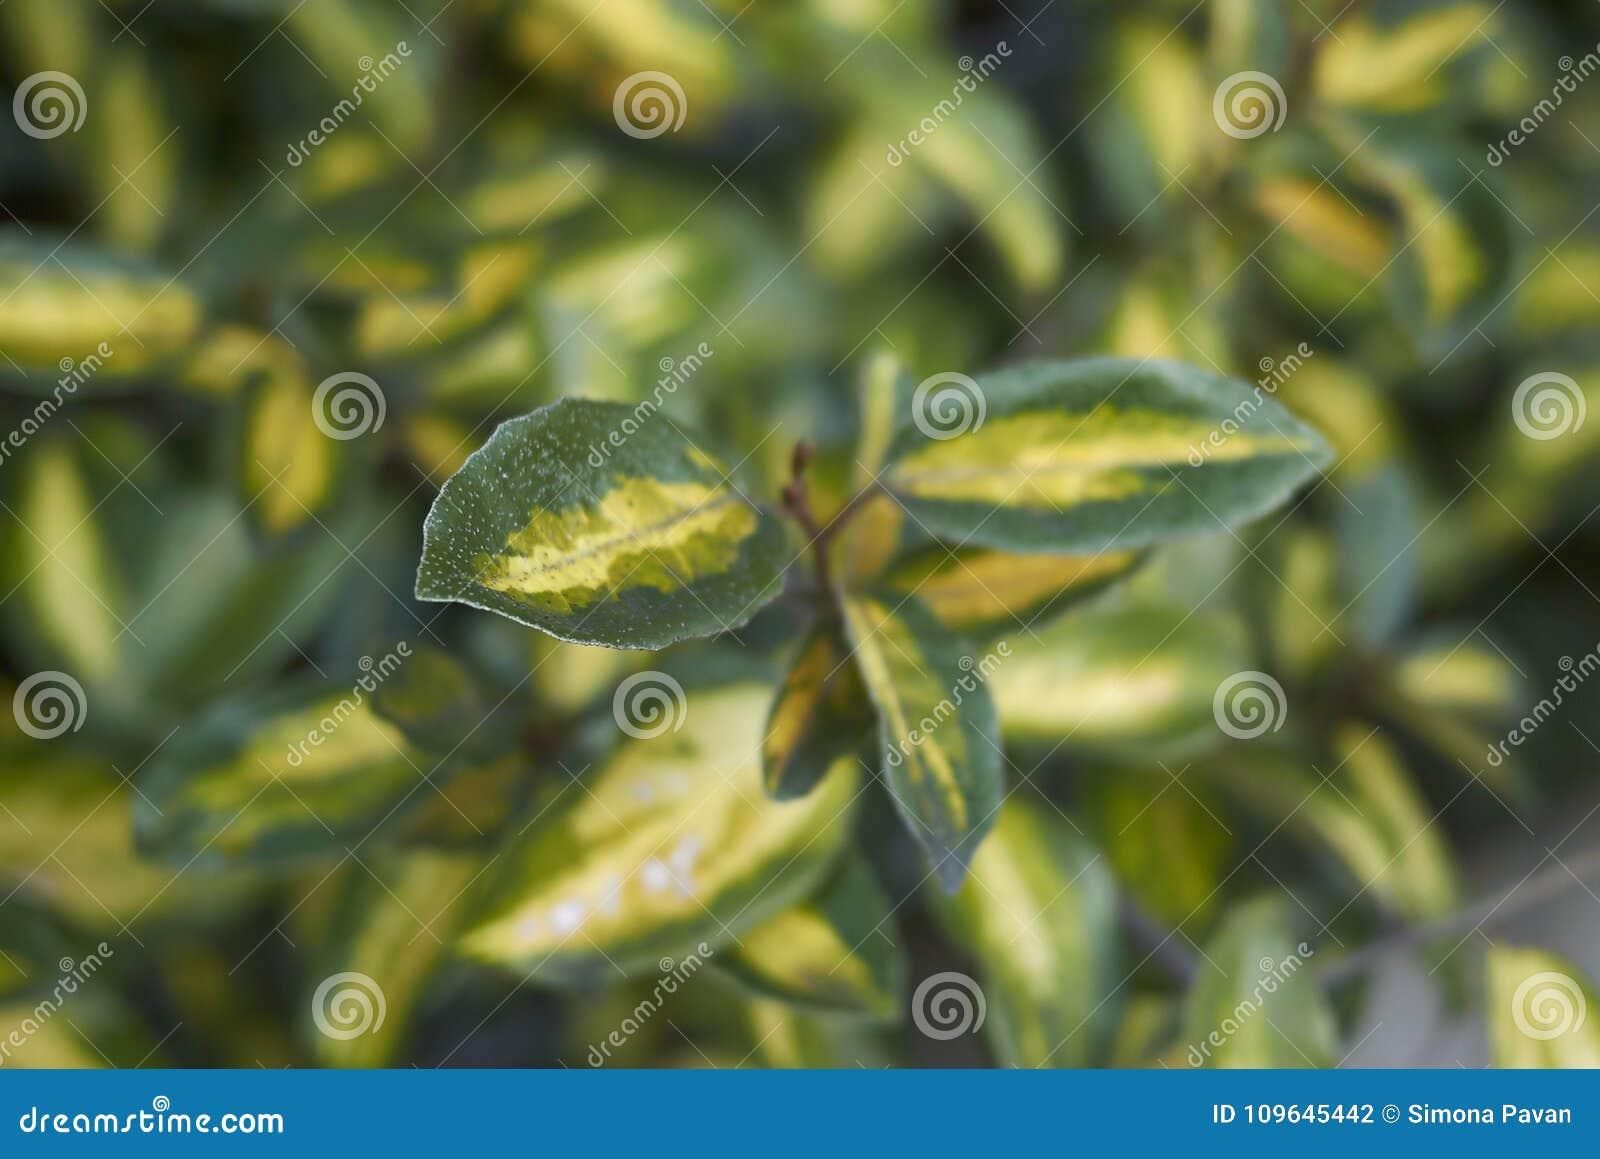 Elaeagnus pungens leaves close up